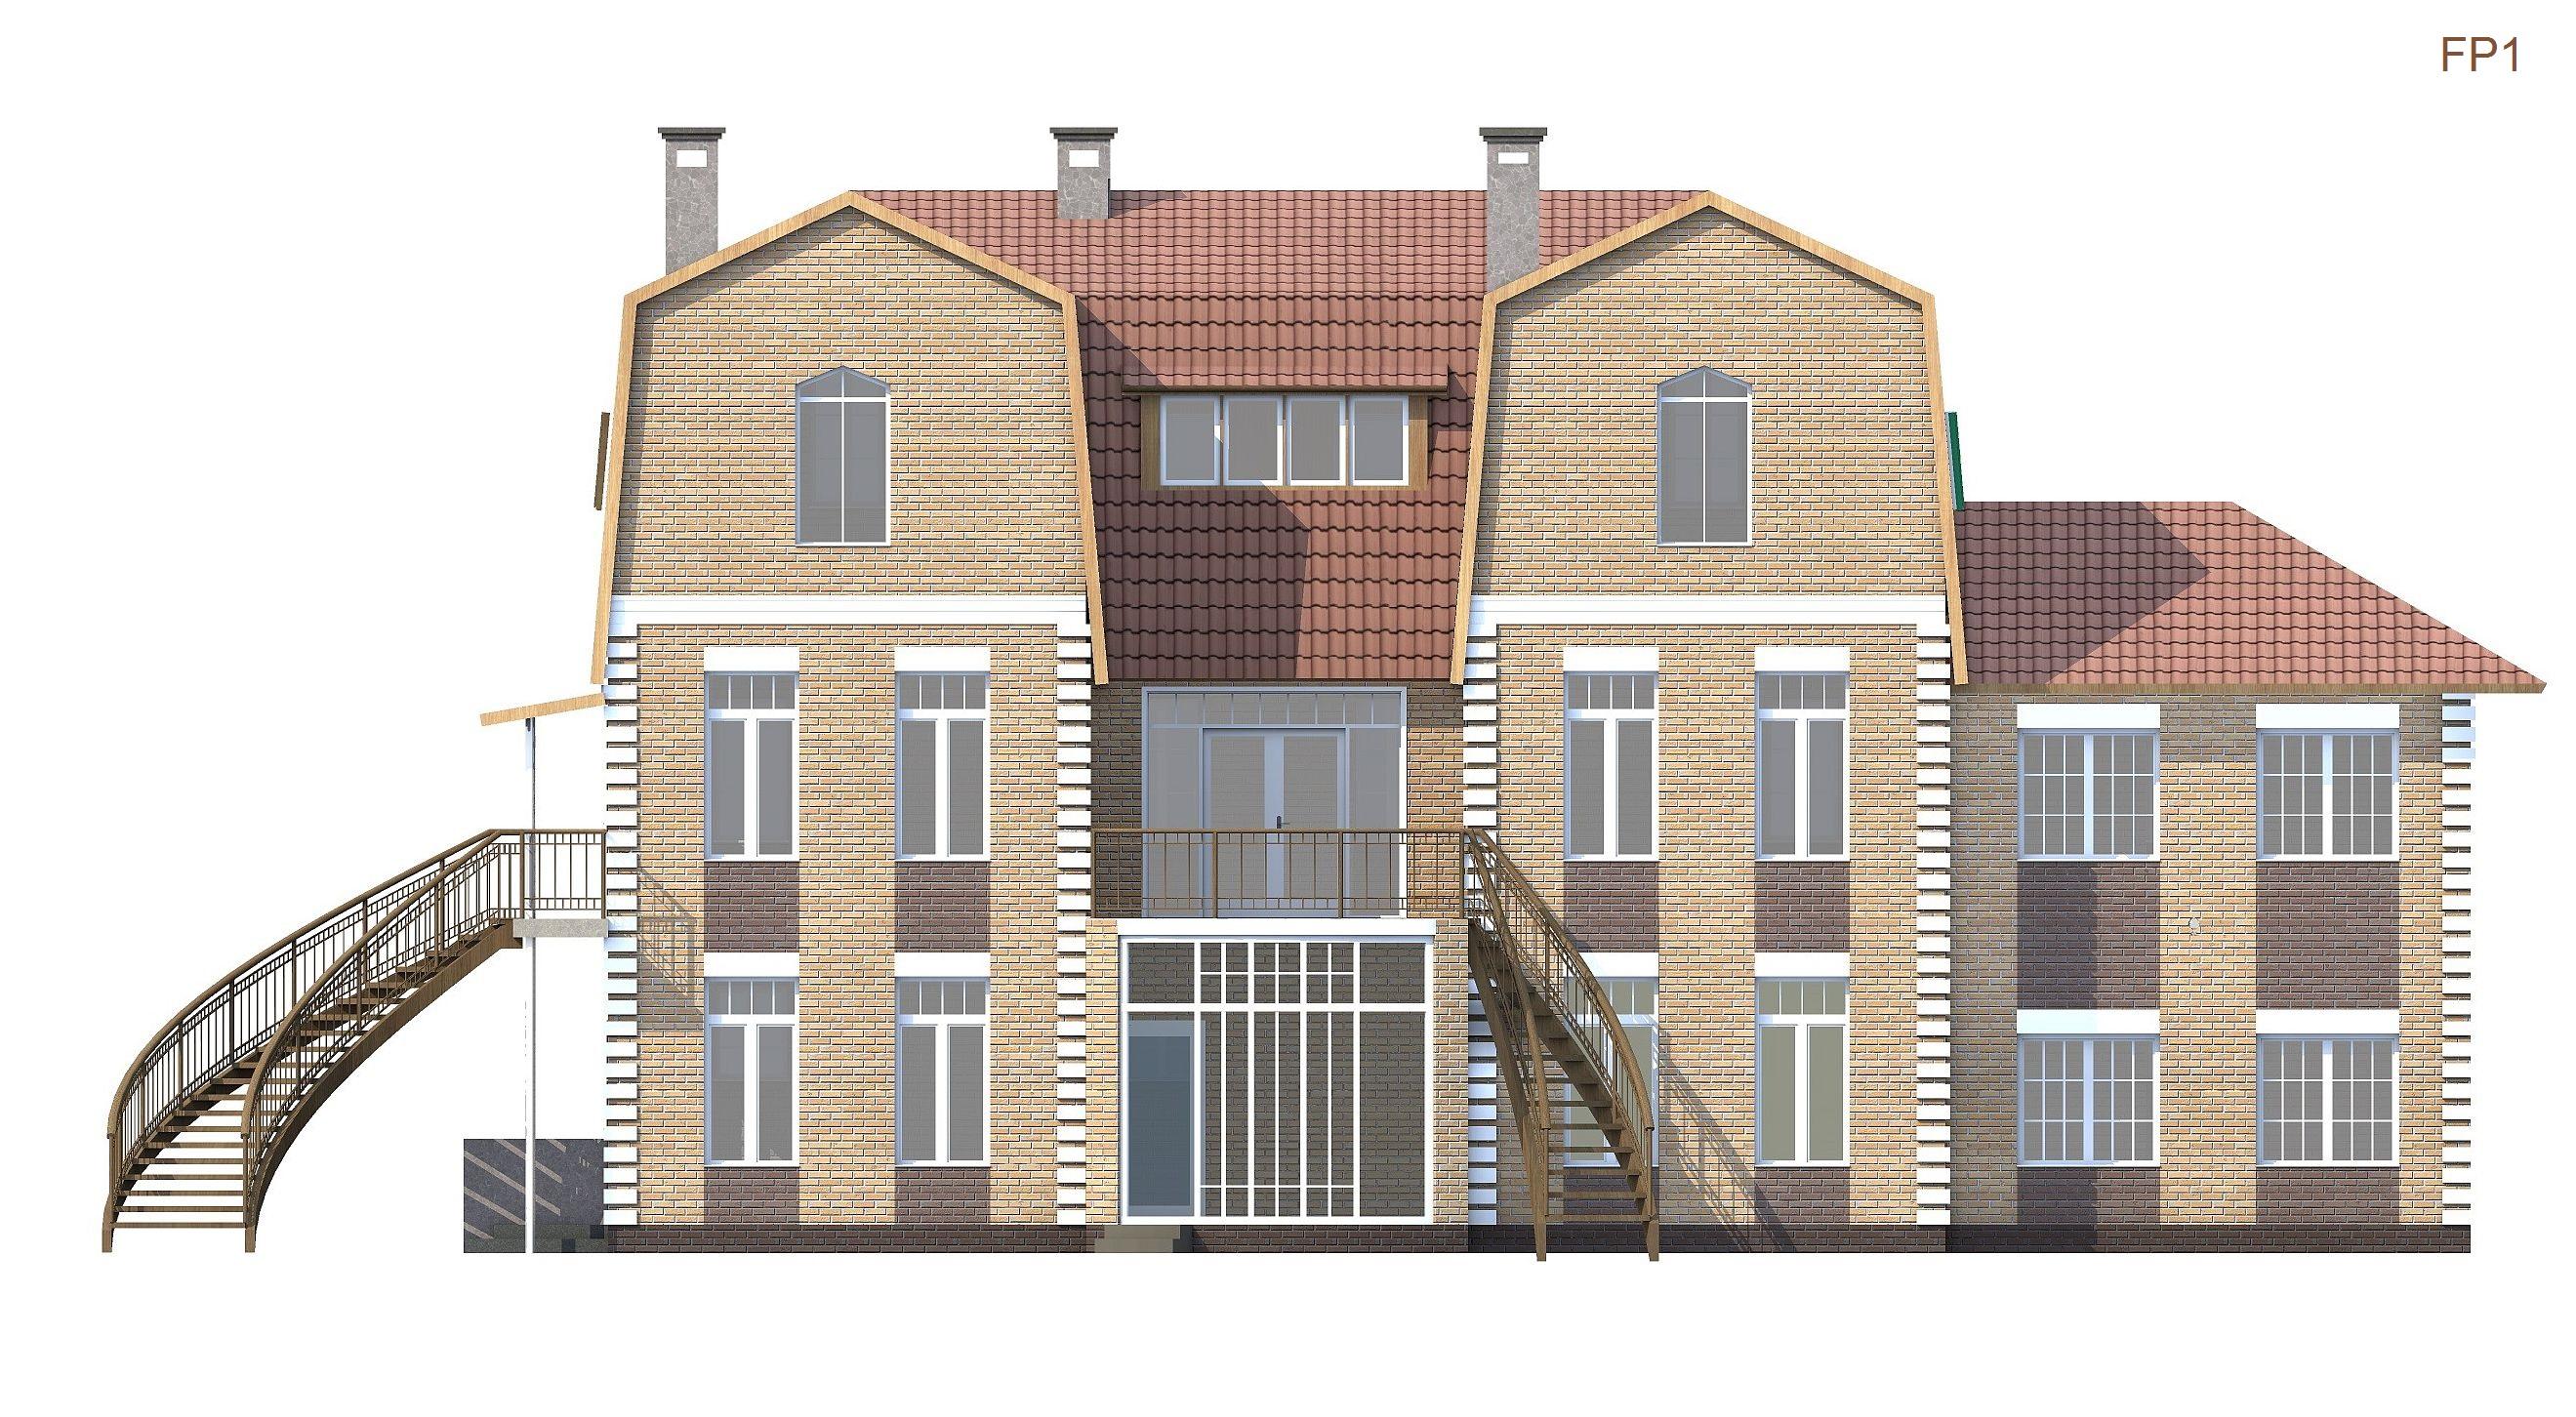 Проект особняка 306 кв.м // Артикул FP1 фасад